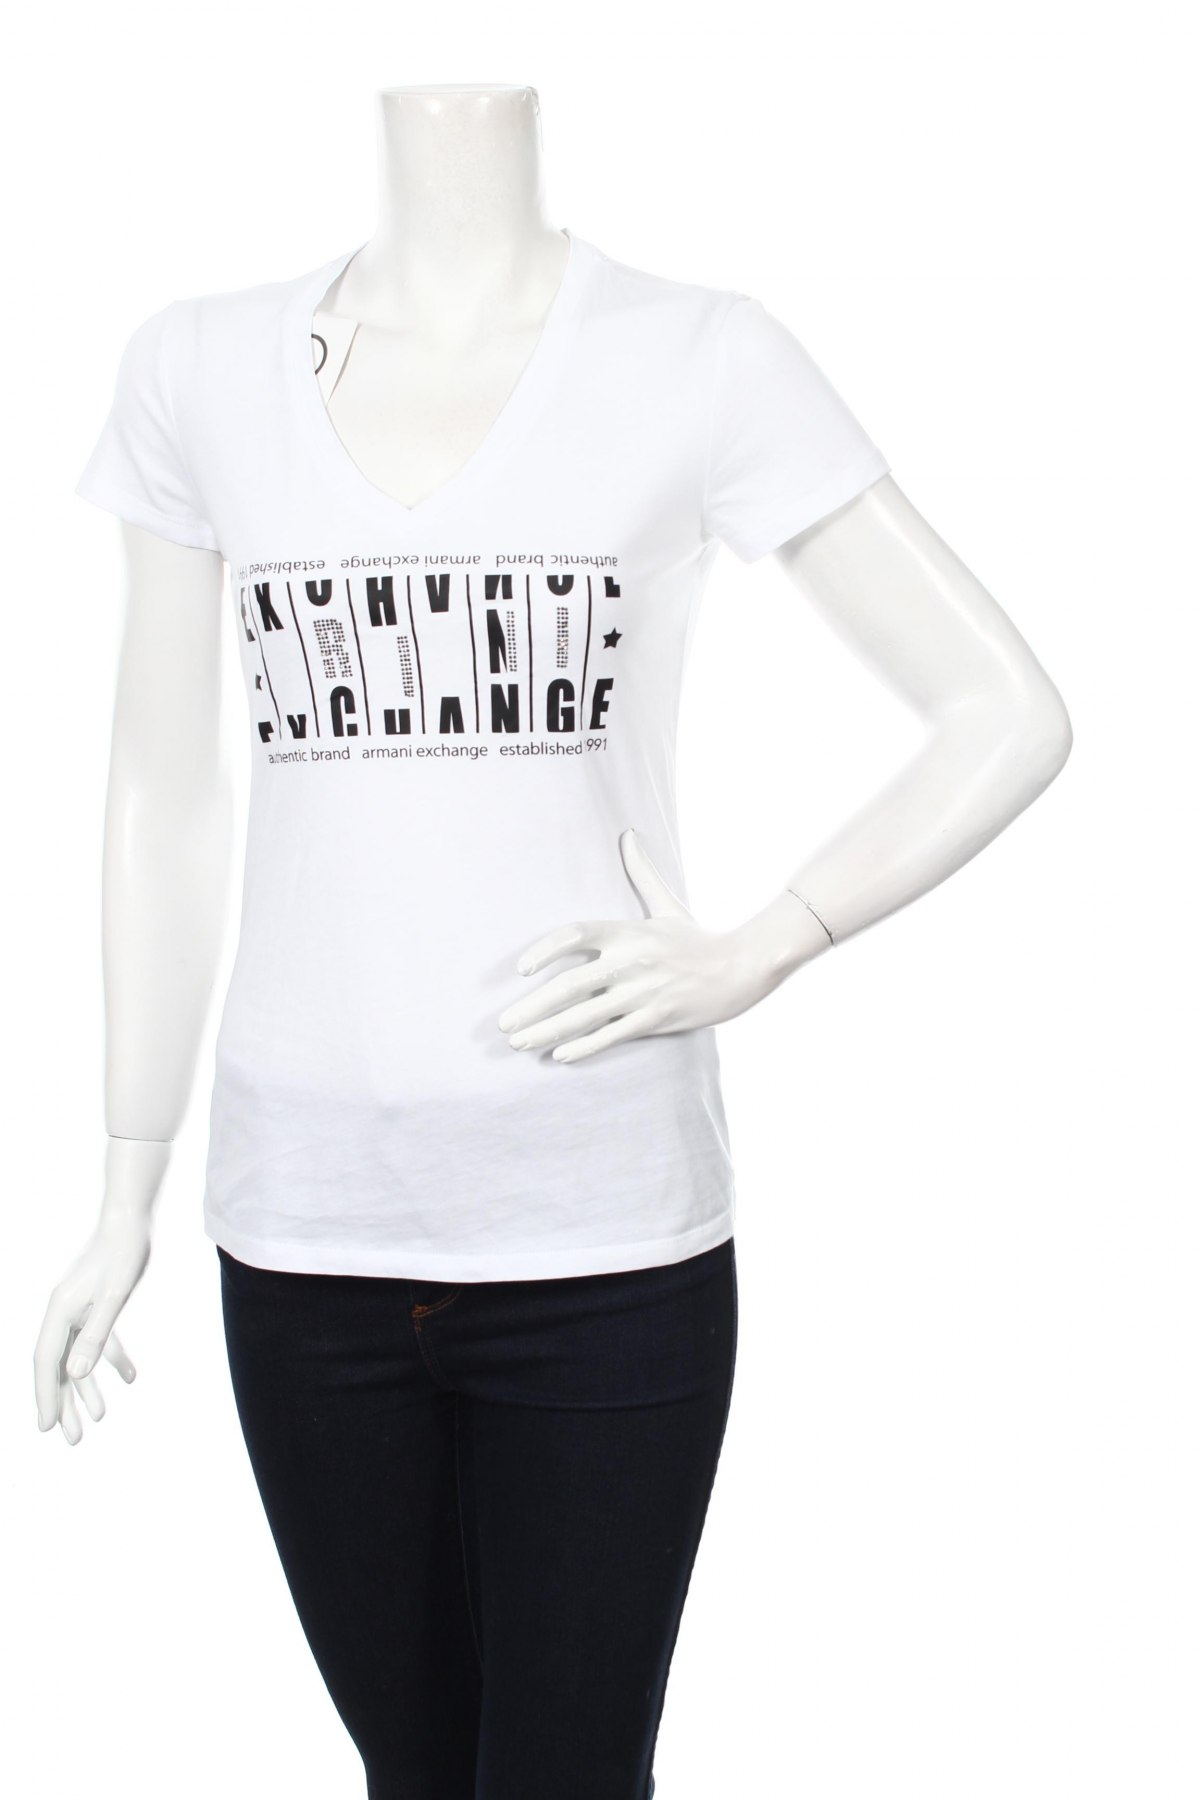 dc2b0549db Dámské tričko Armani Exchange - za výhodnou cenu v Remixu -  103709505